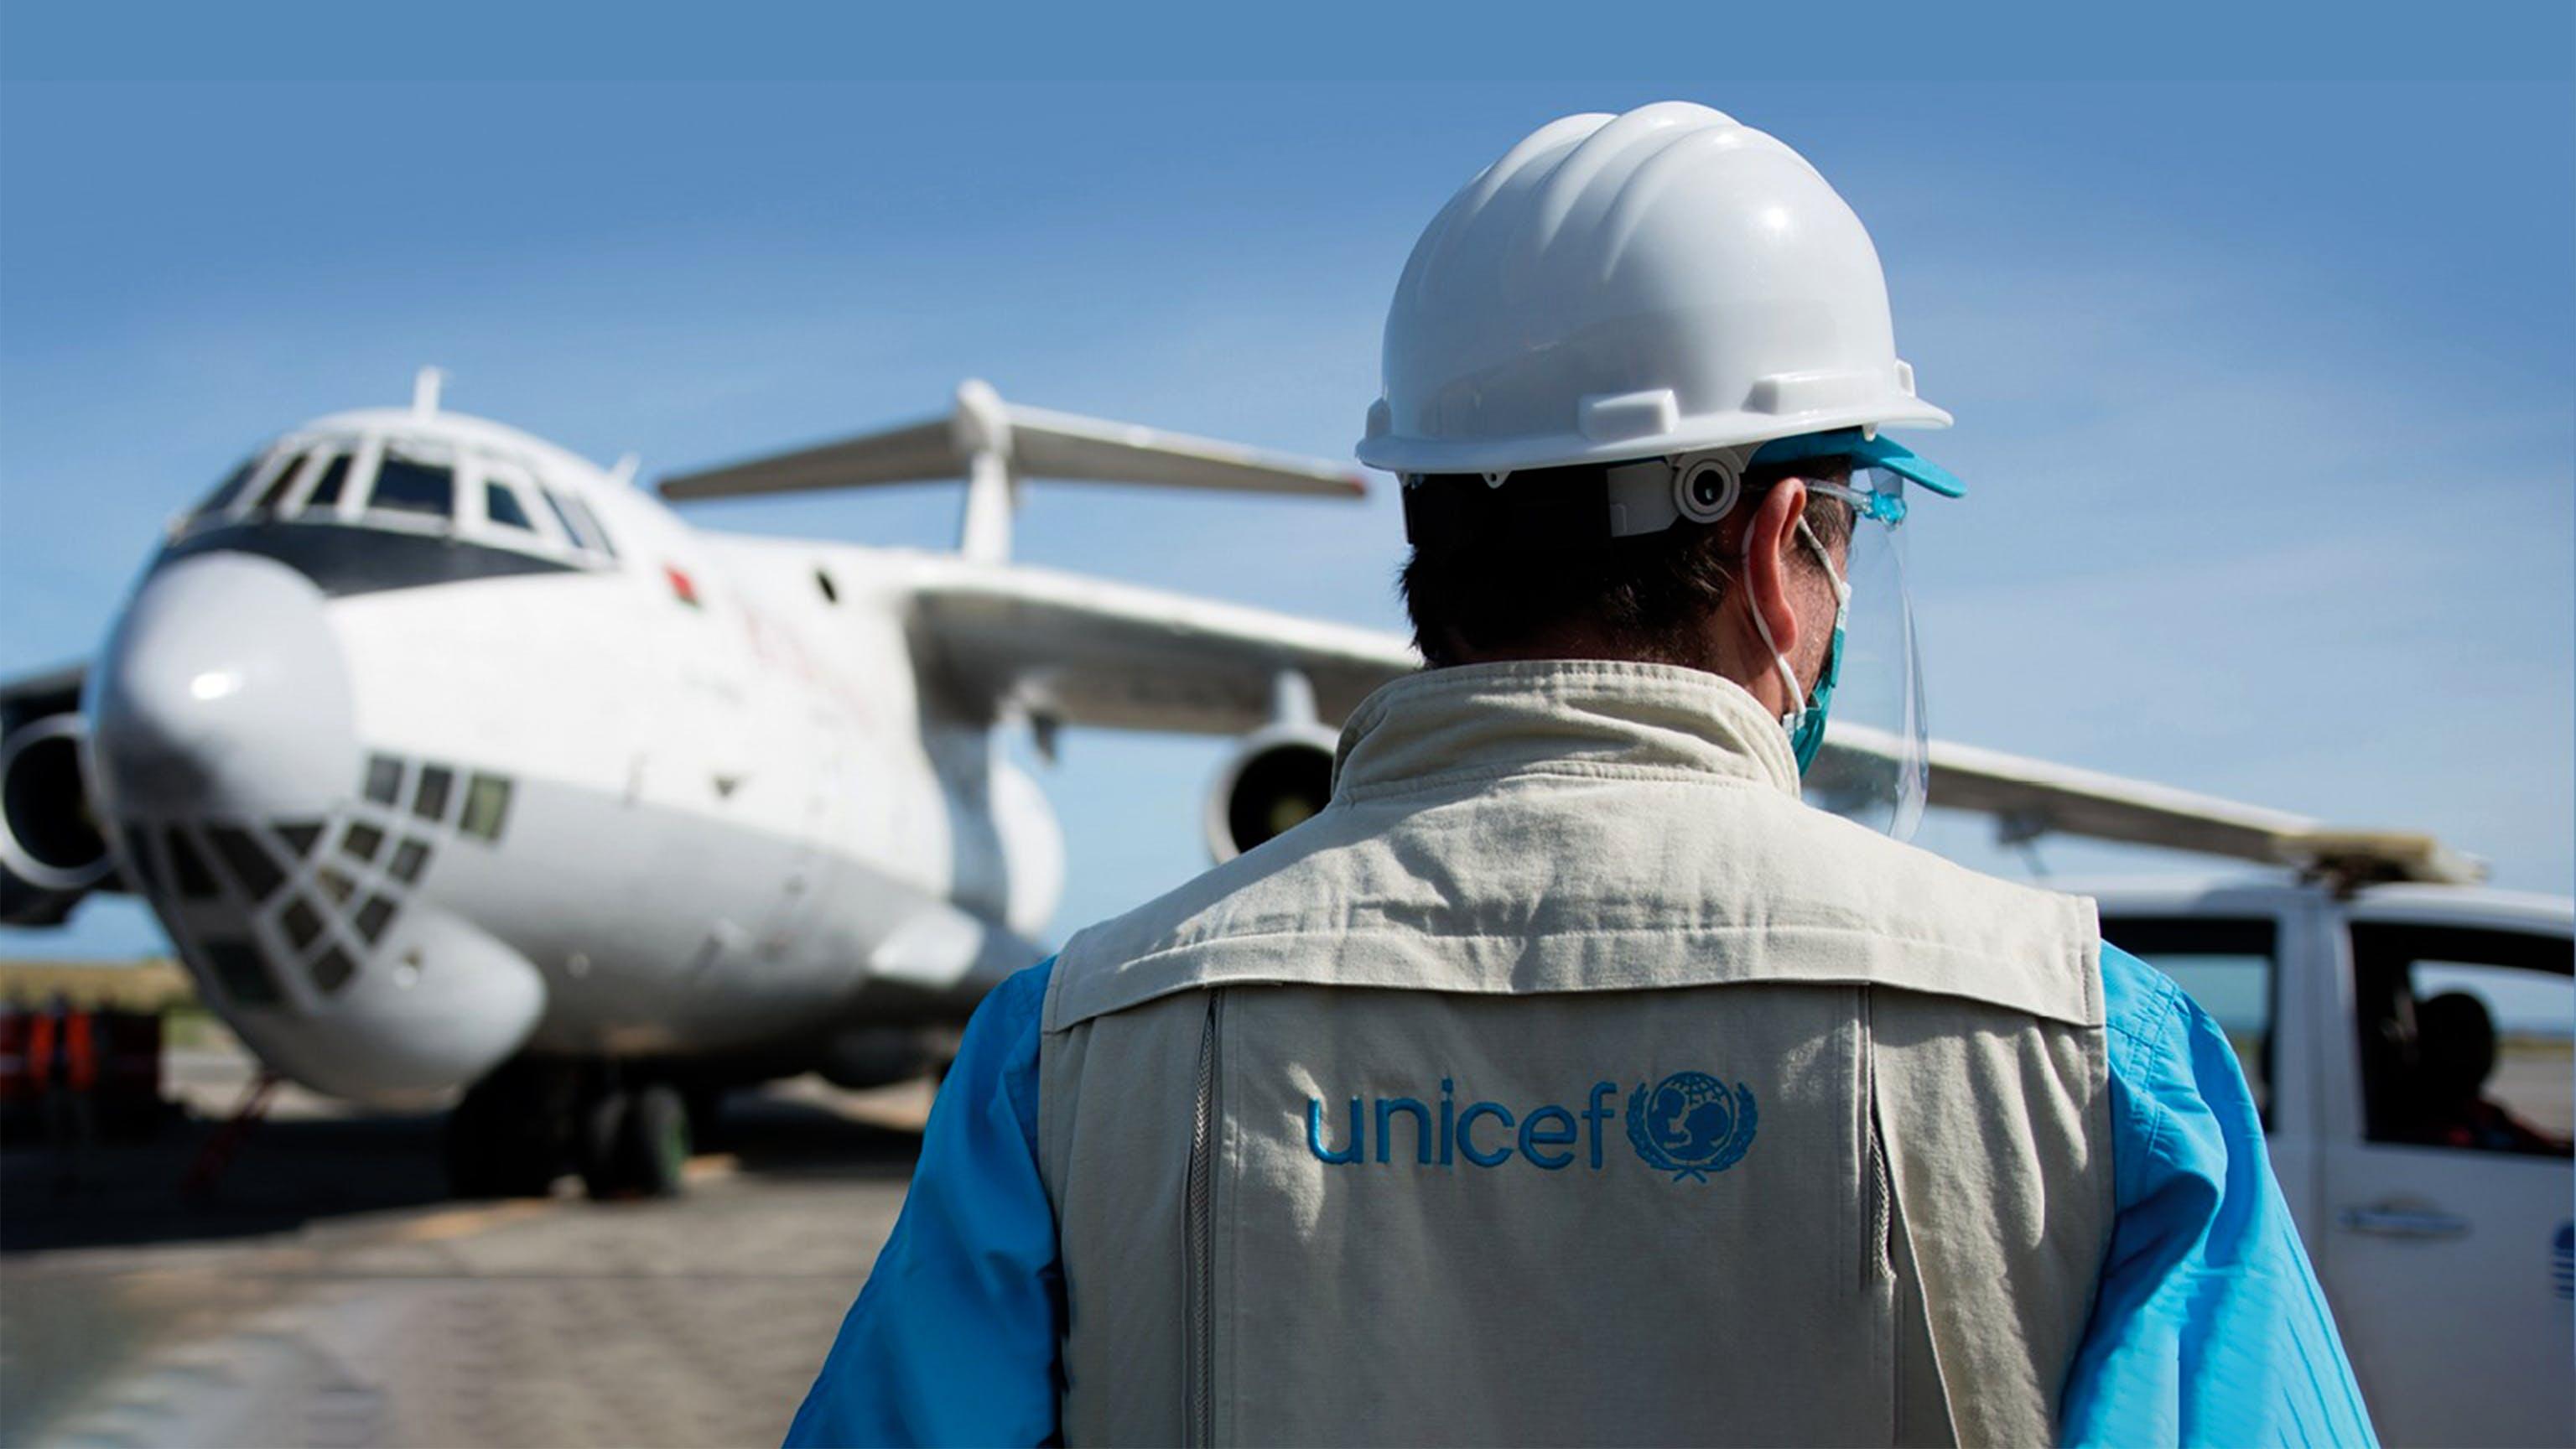 Un operatore UNICEF aspetta che venga scaricato l'aereo con le forniture COVAX